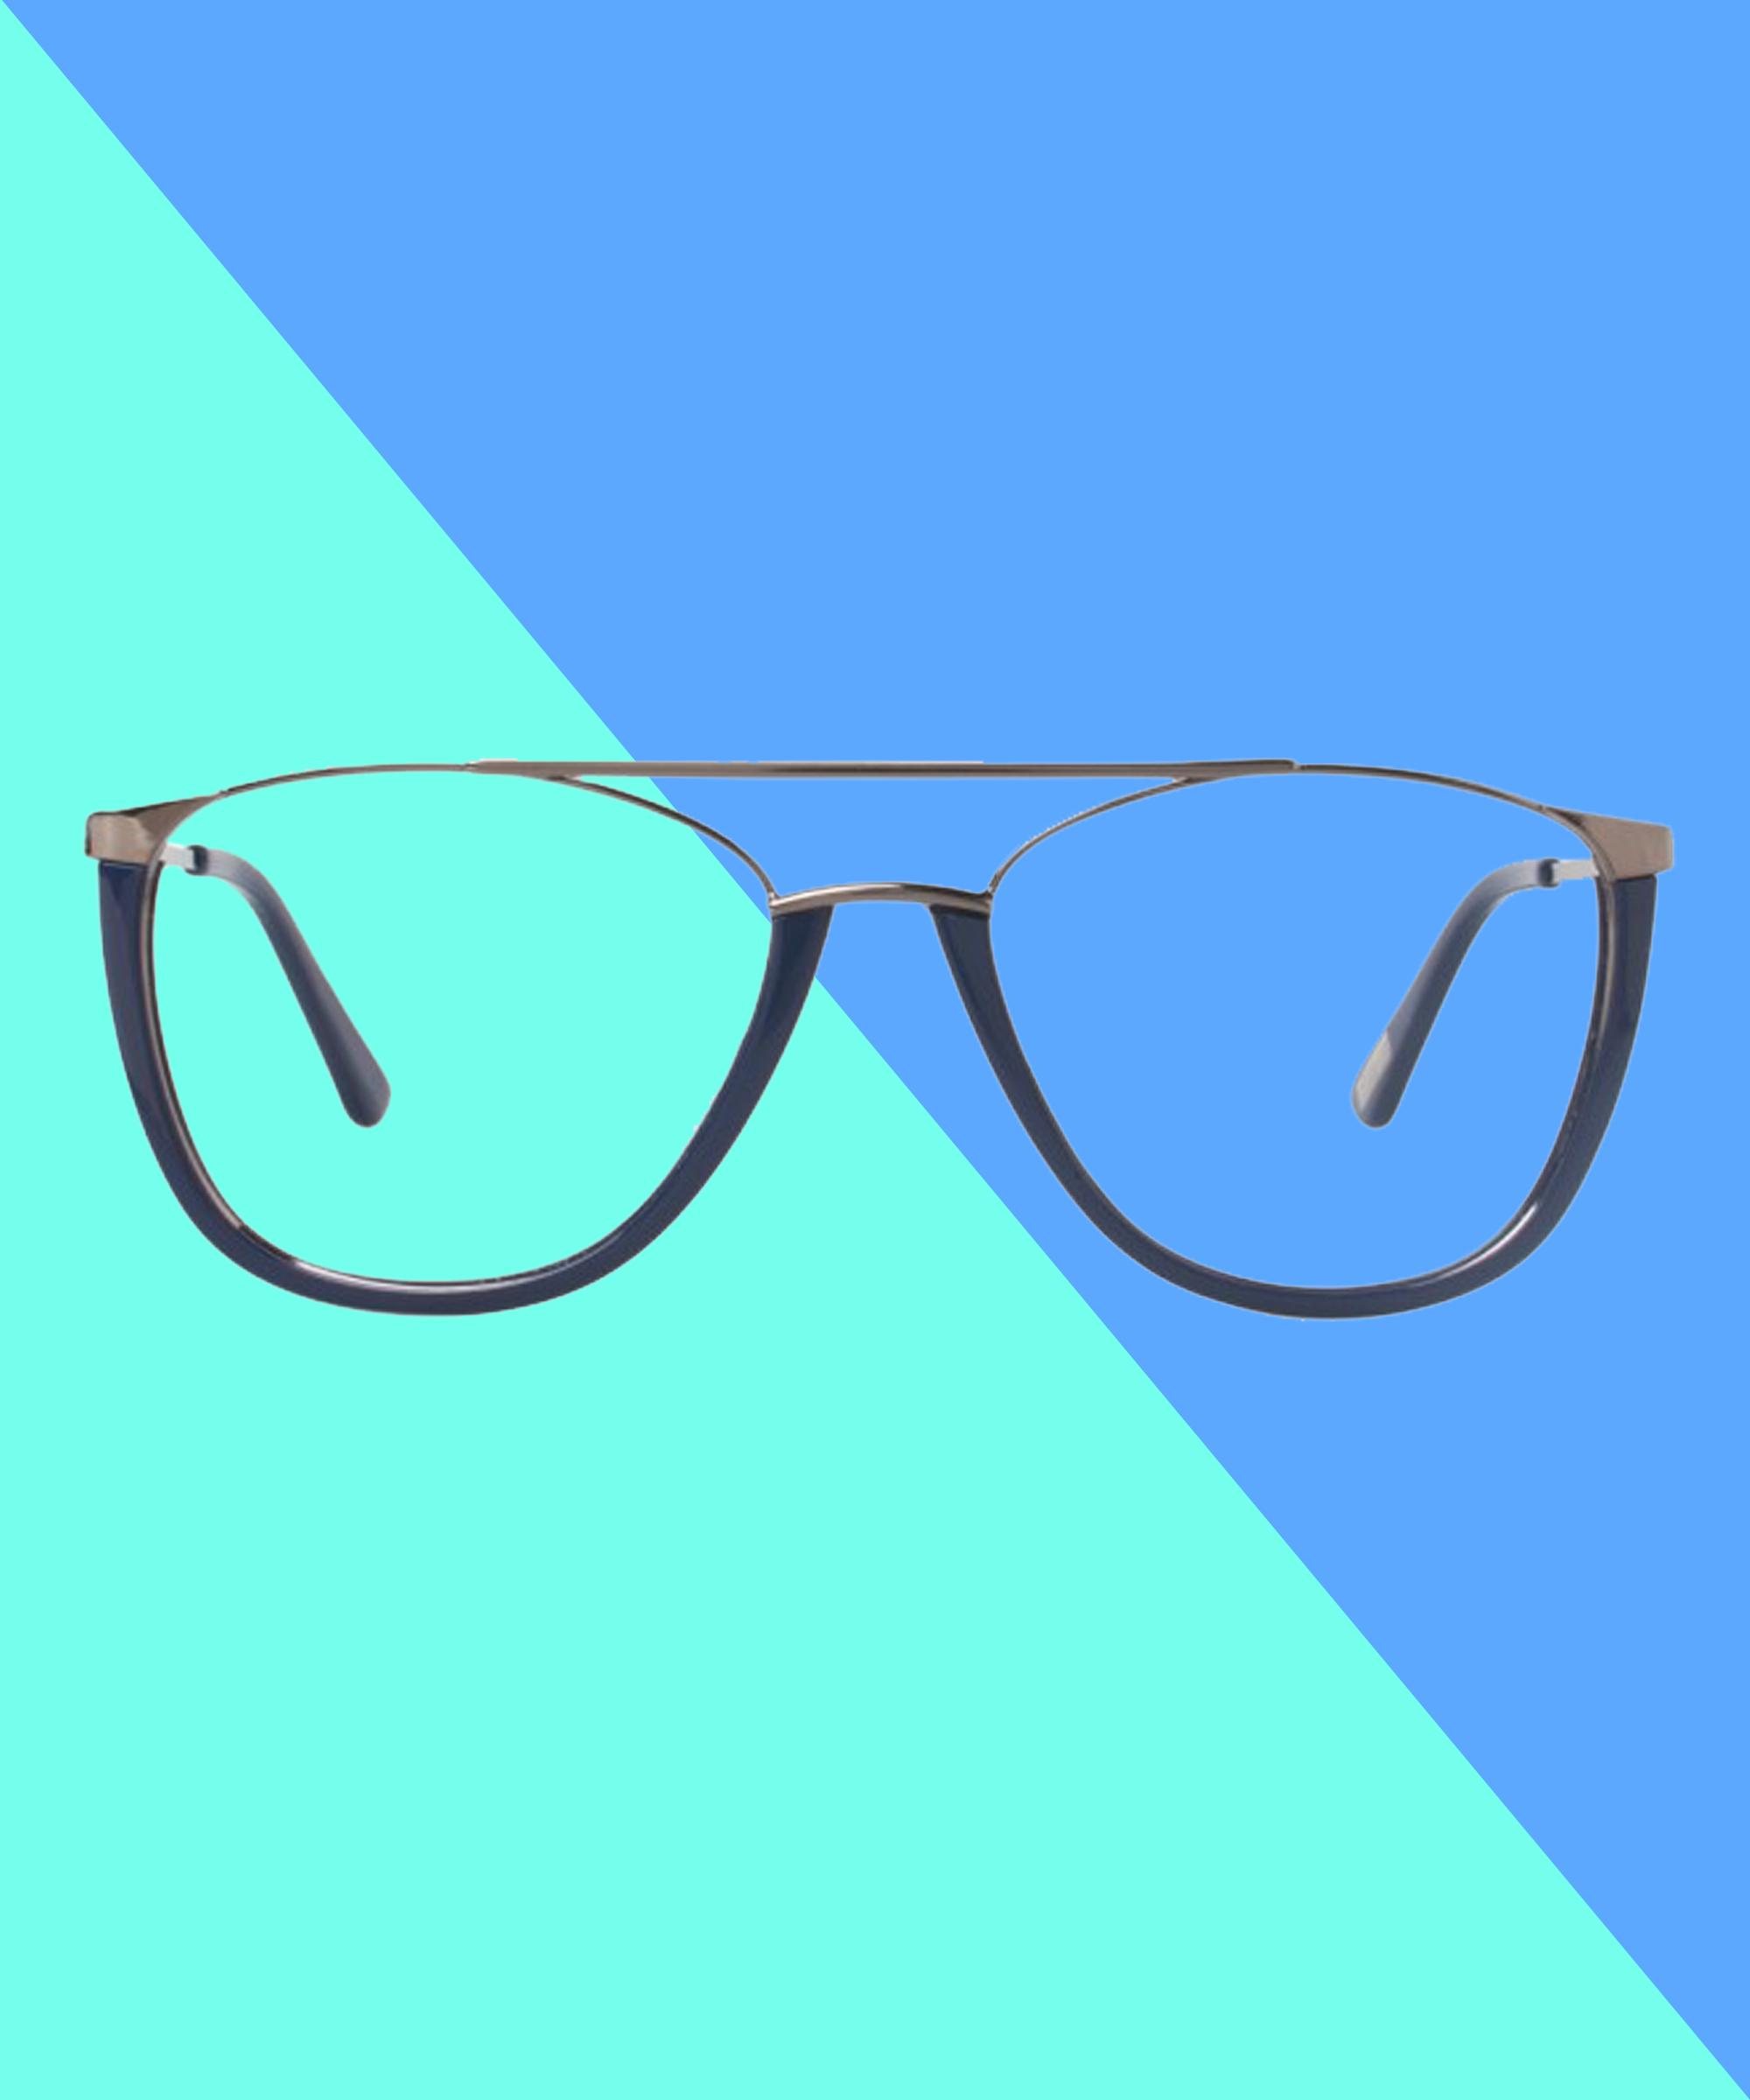 Cute Glasses - Flattering Eye Frames